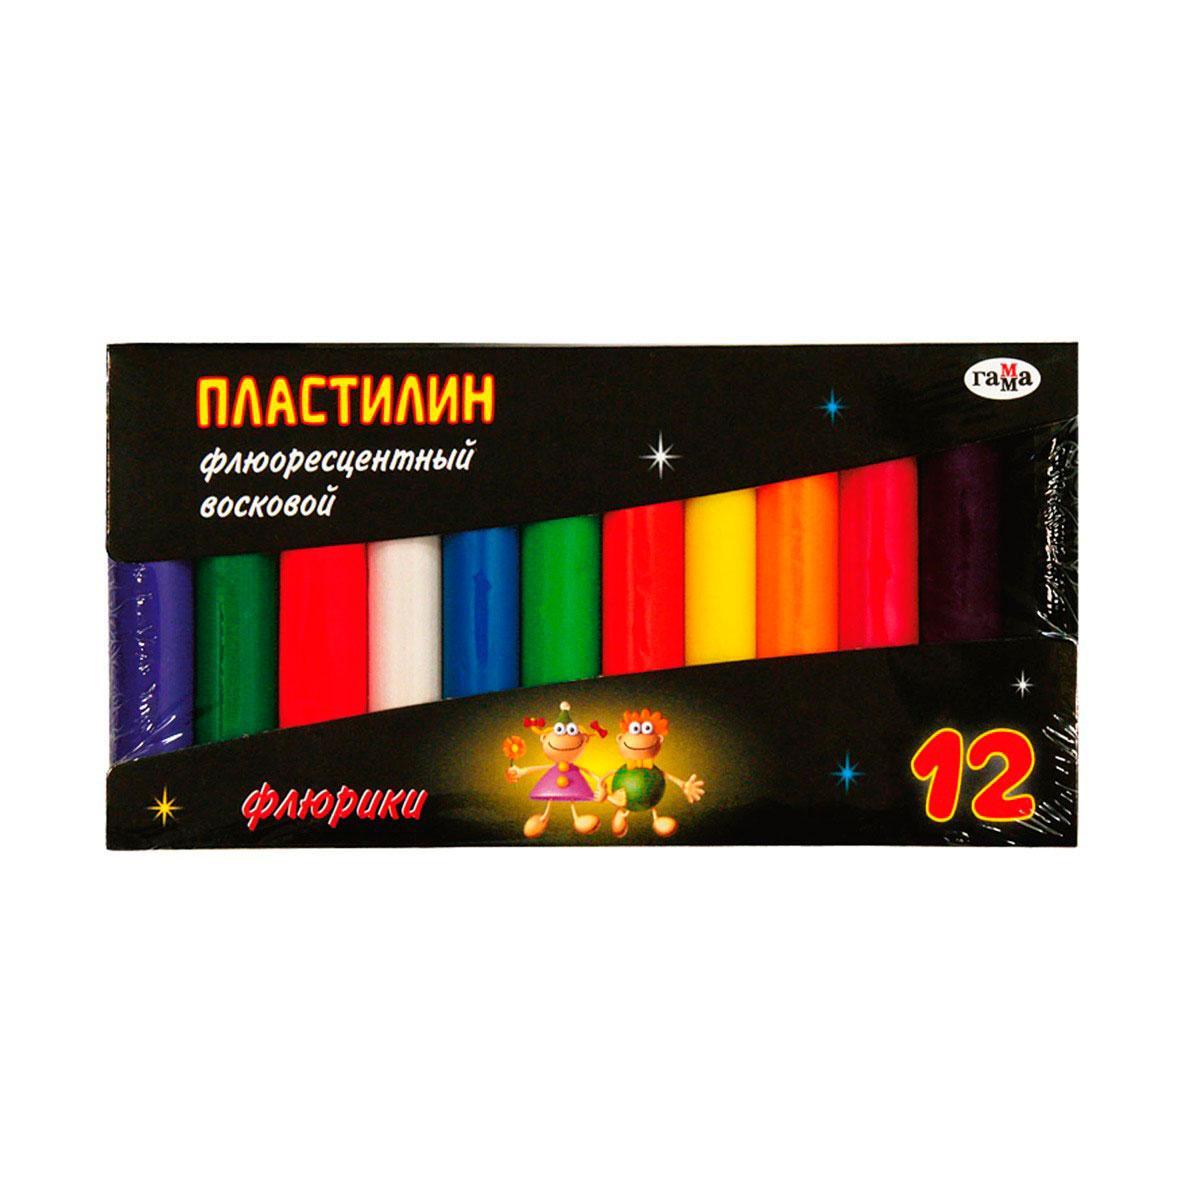 Пластилин ГАММА Восковой флуоресцентный<br>